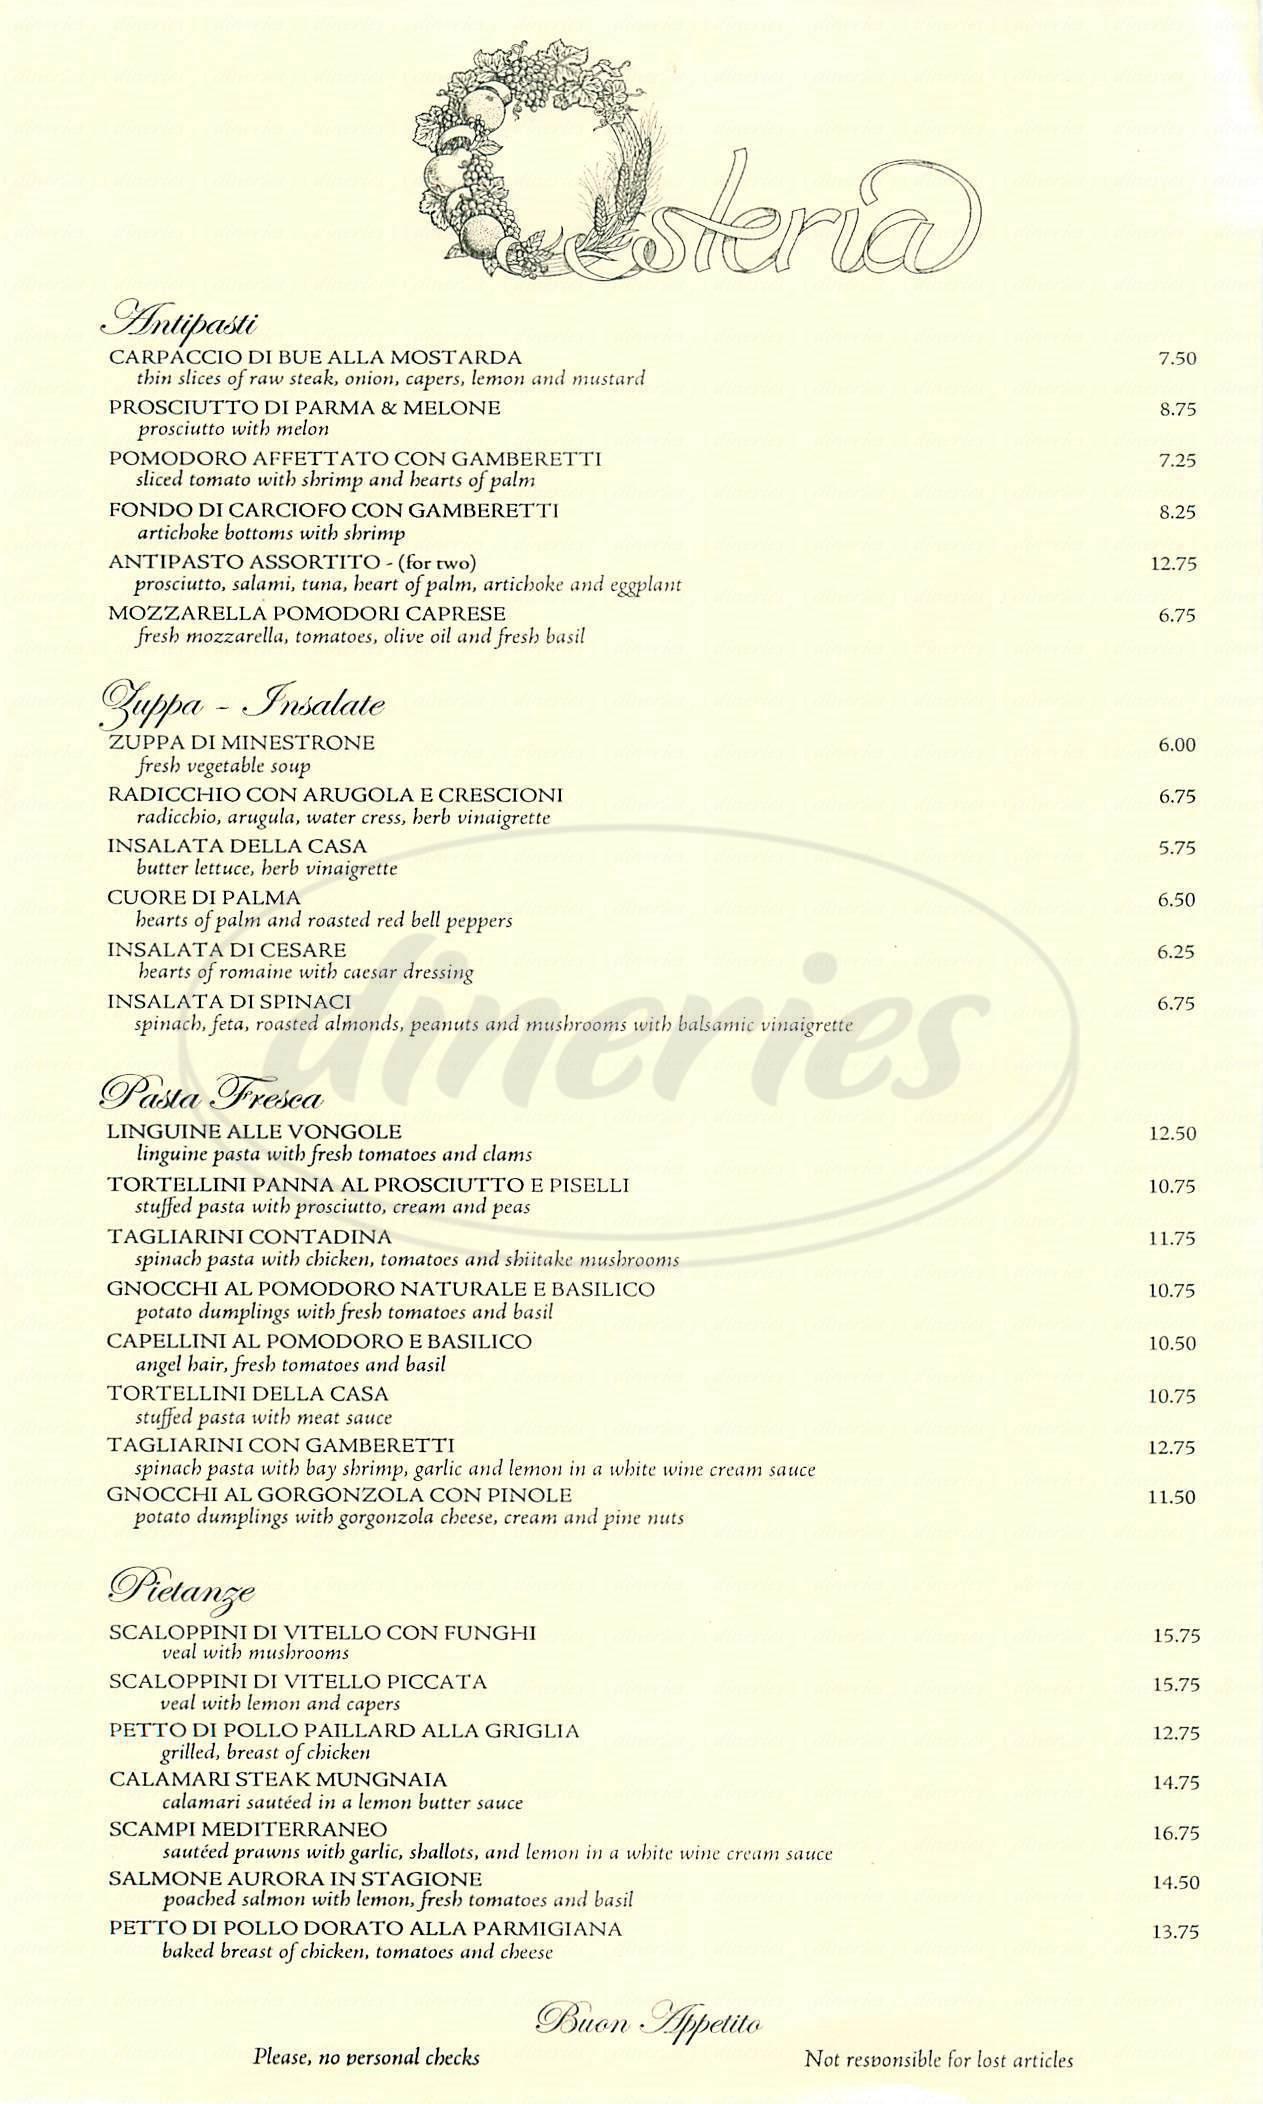 menu for Osteria